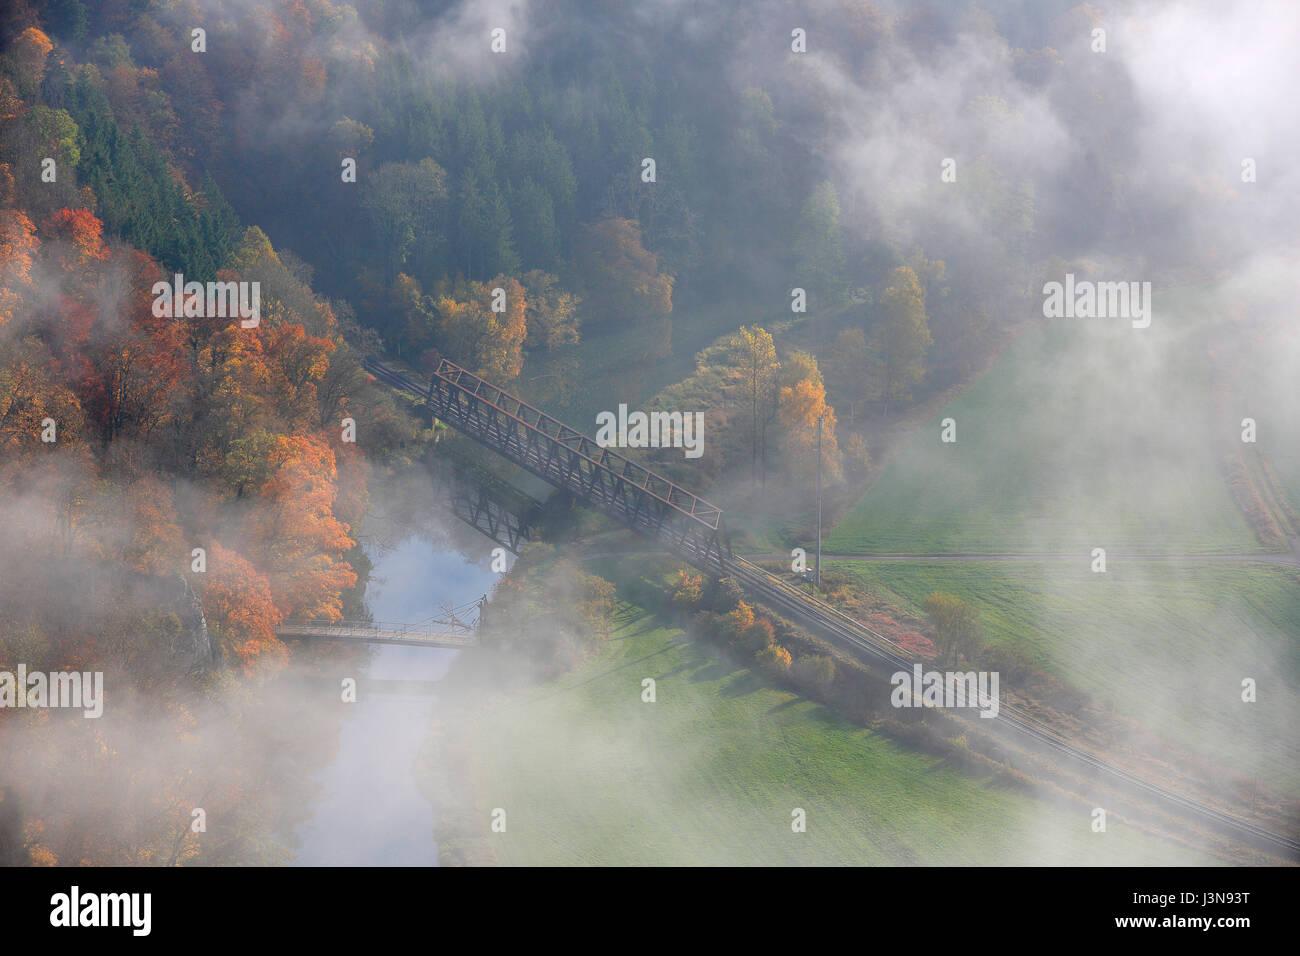 Donau, Eisenbahnbruecke, Stahlbruecke, Dietfurt, Naturpark Obere Donau, Baden-Wuerttemberg, Deutschland, Europa Stock Photo